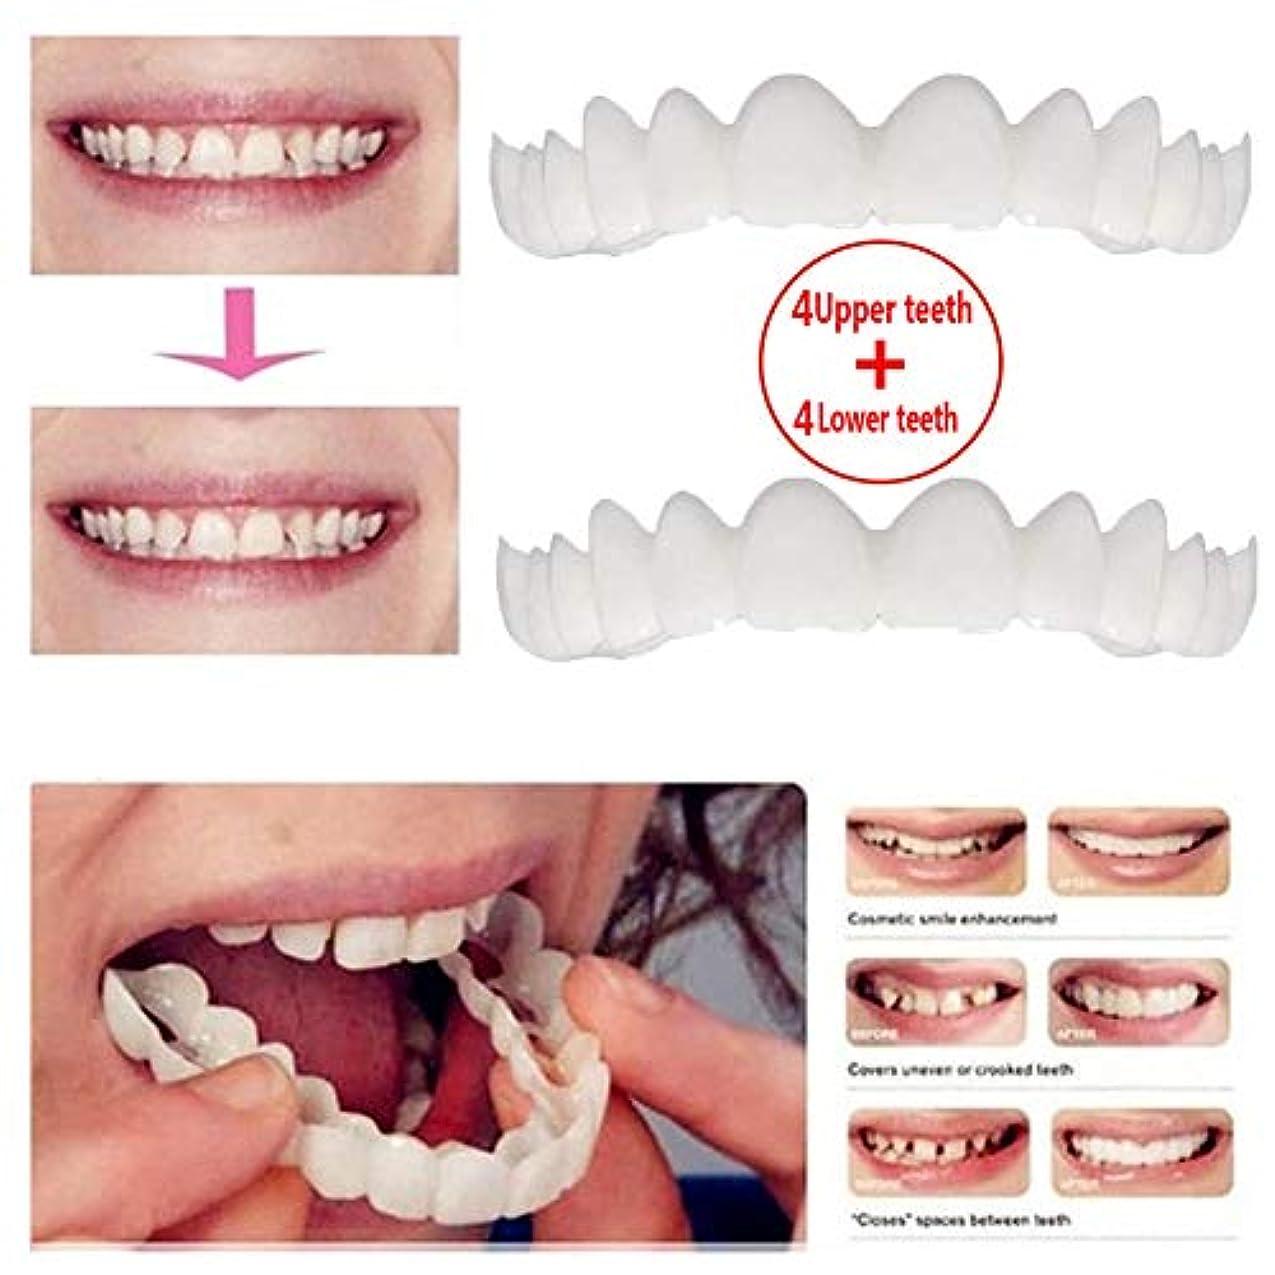 西部異議シアー上歯4本+下歯4本、化粧歯、仮歯ベニアブレース